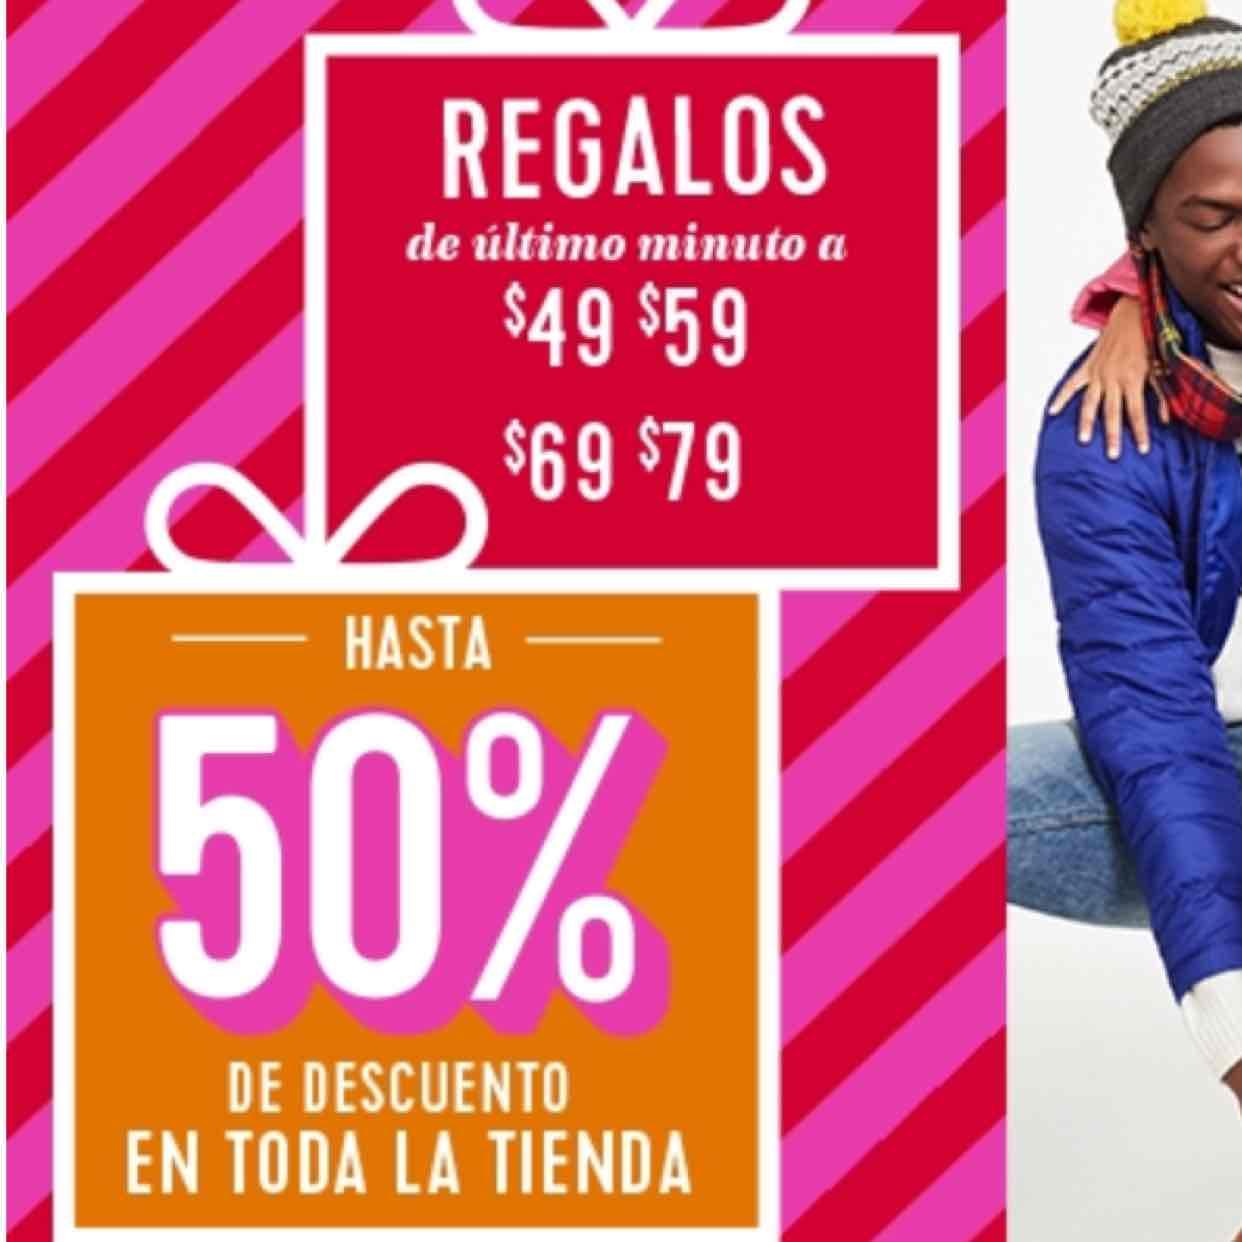 Old Navy: 50% Toda la tienda, Regalos navideños y Ofertas del Día